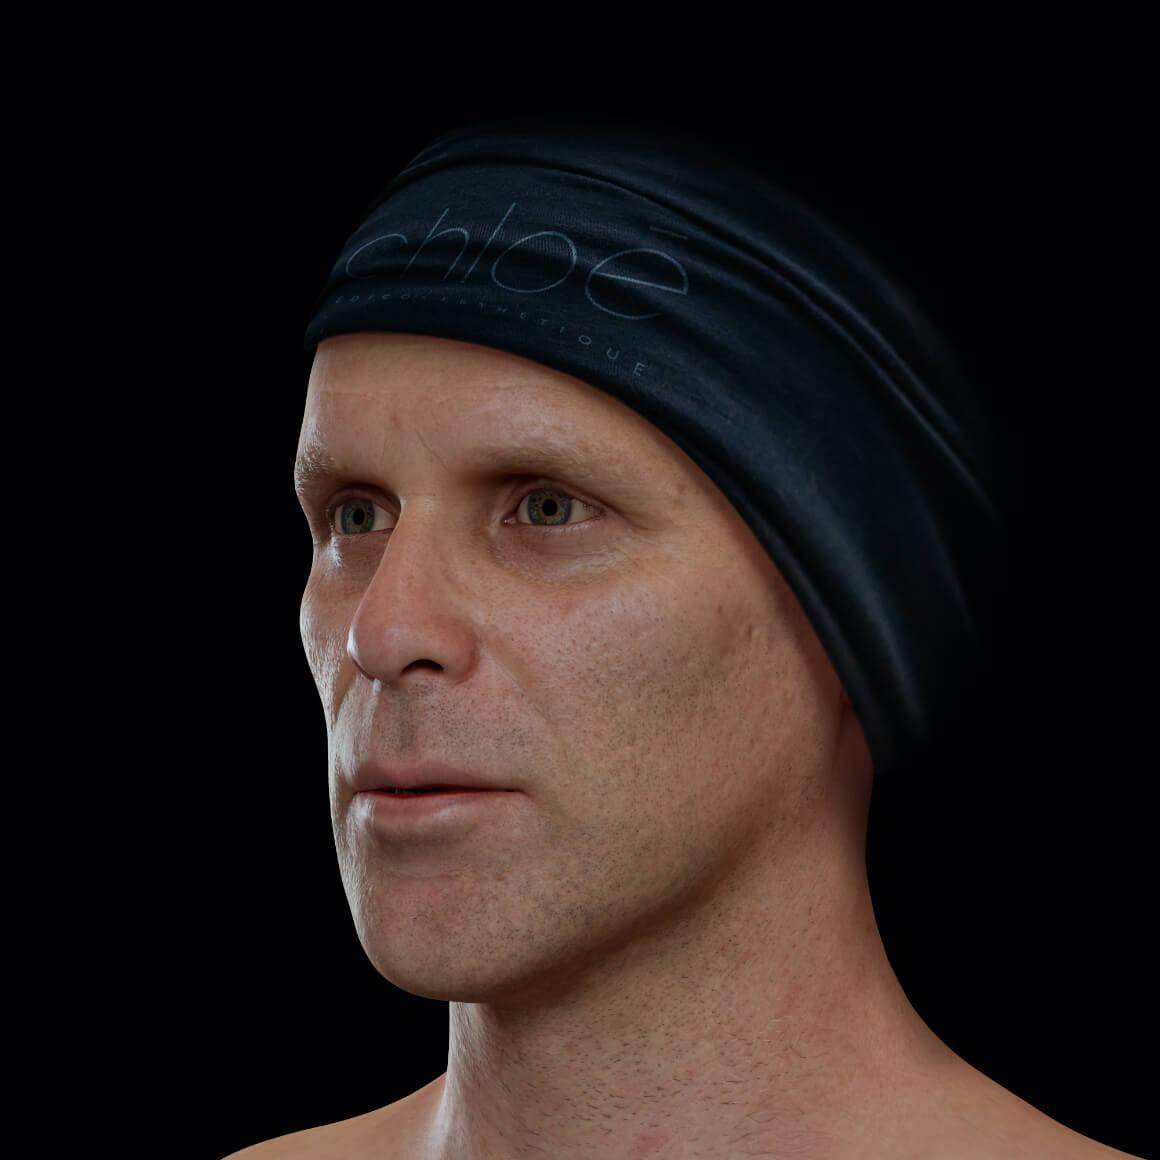 Patient de la Clinique Chloé en angle après des traitements de microneedling pour traiter des cicatrices d'acné au visage